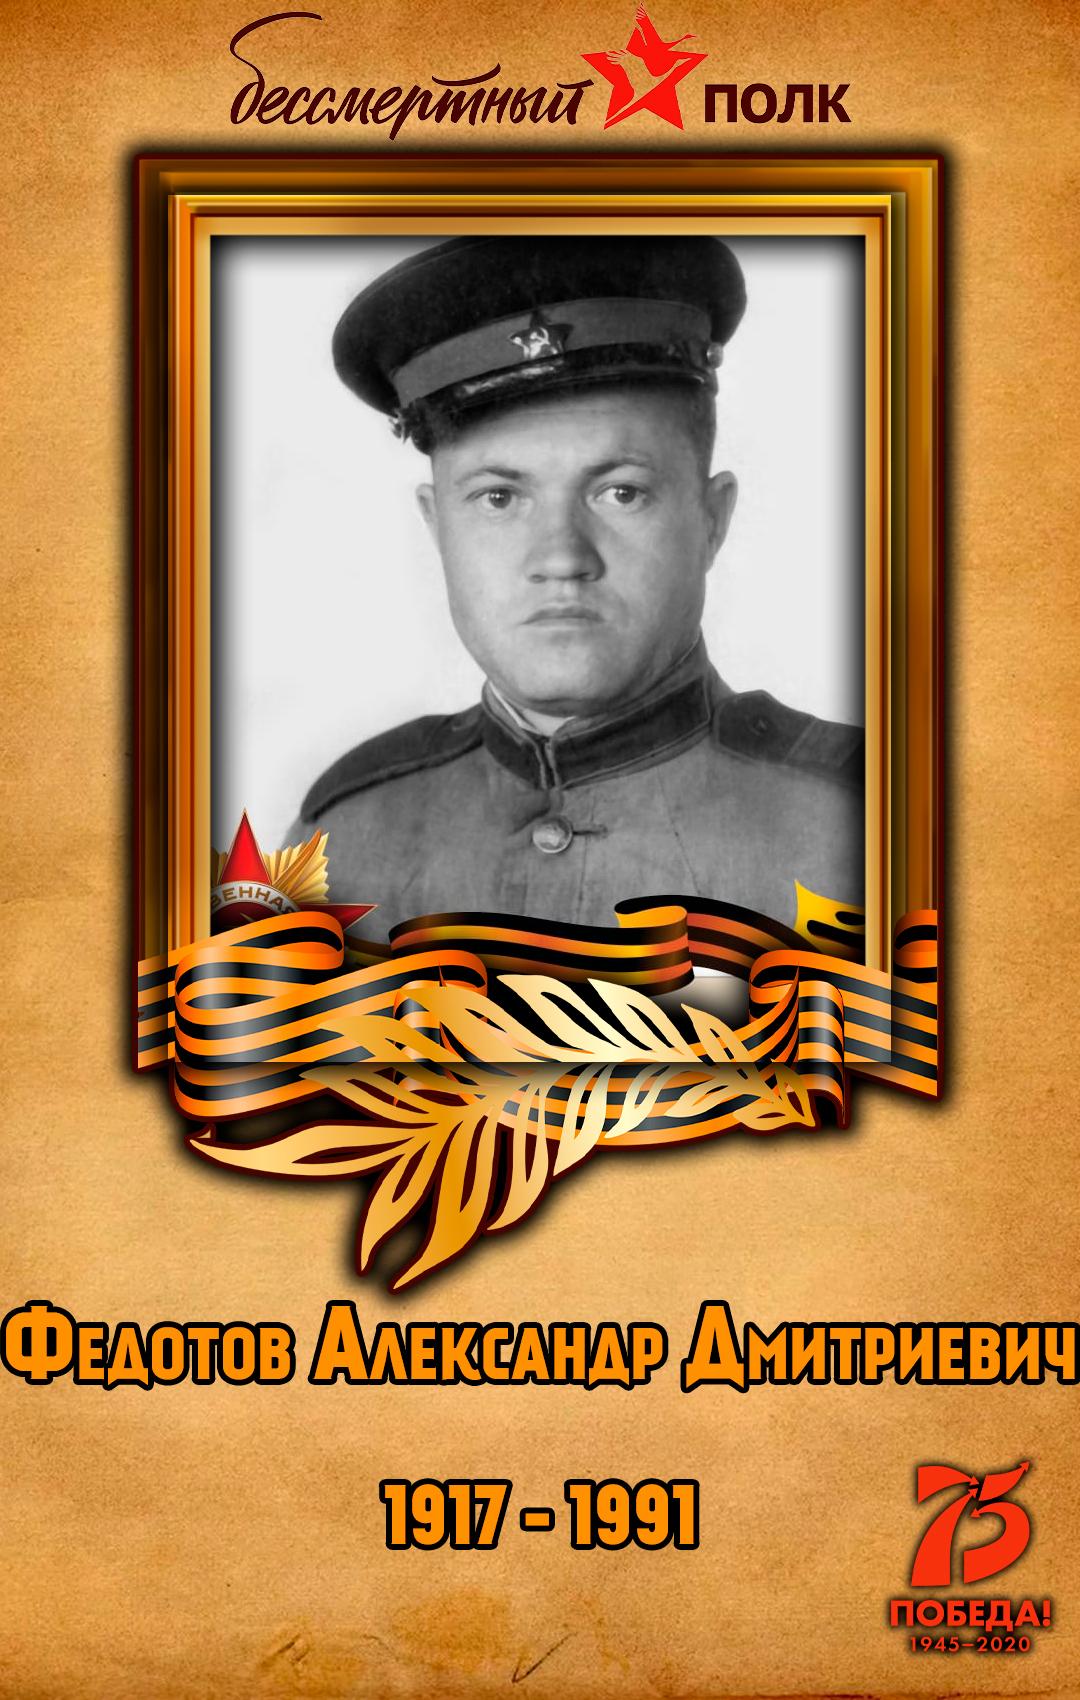 Федотов-Александр-Дмитриевич